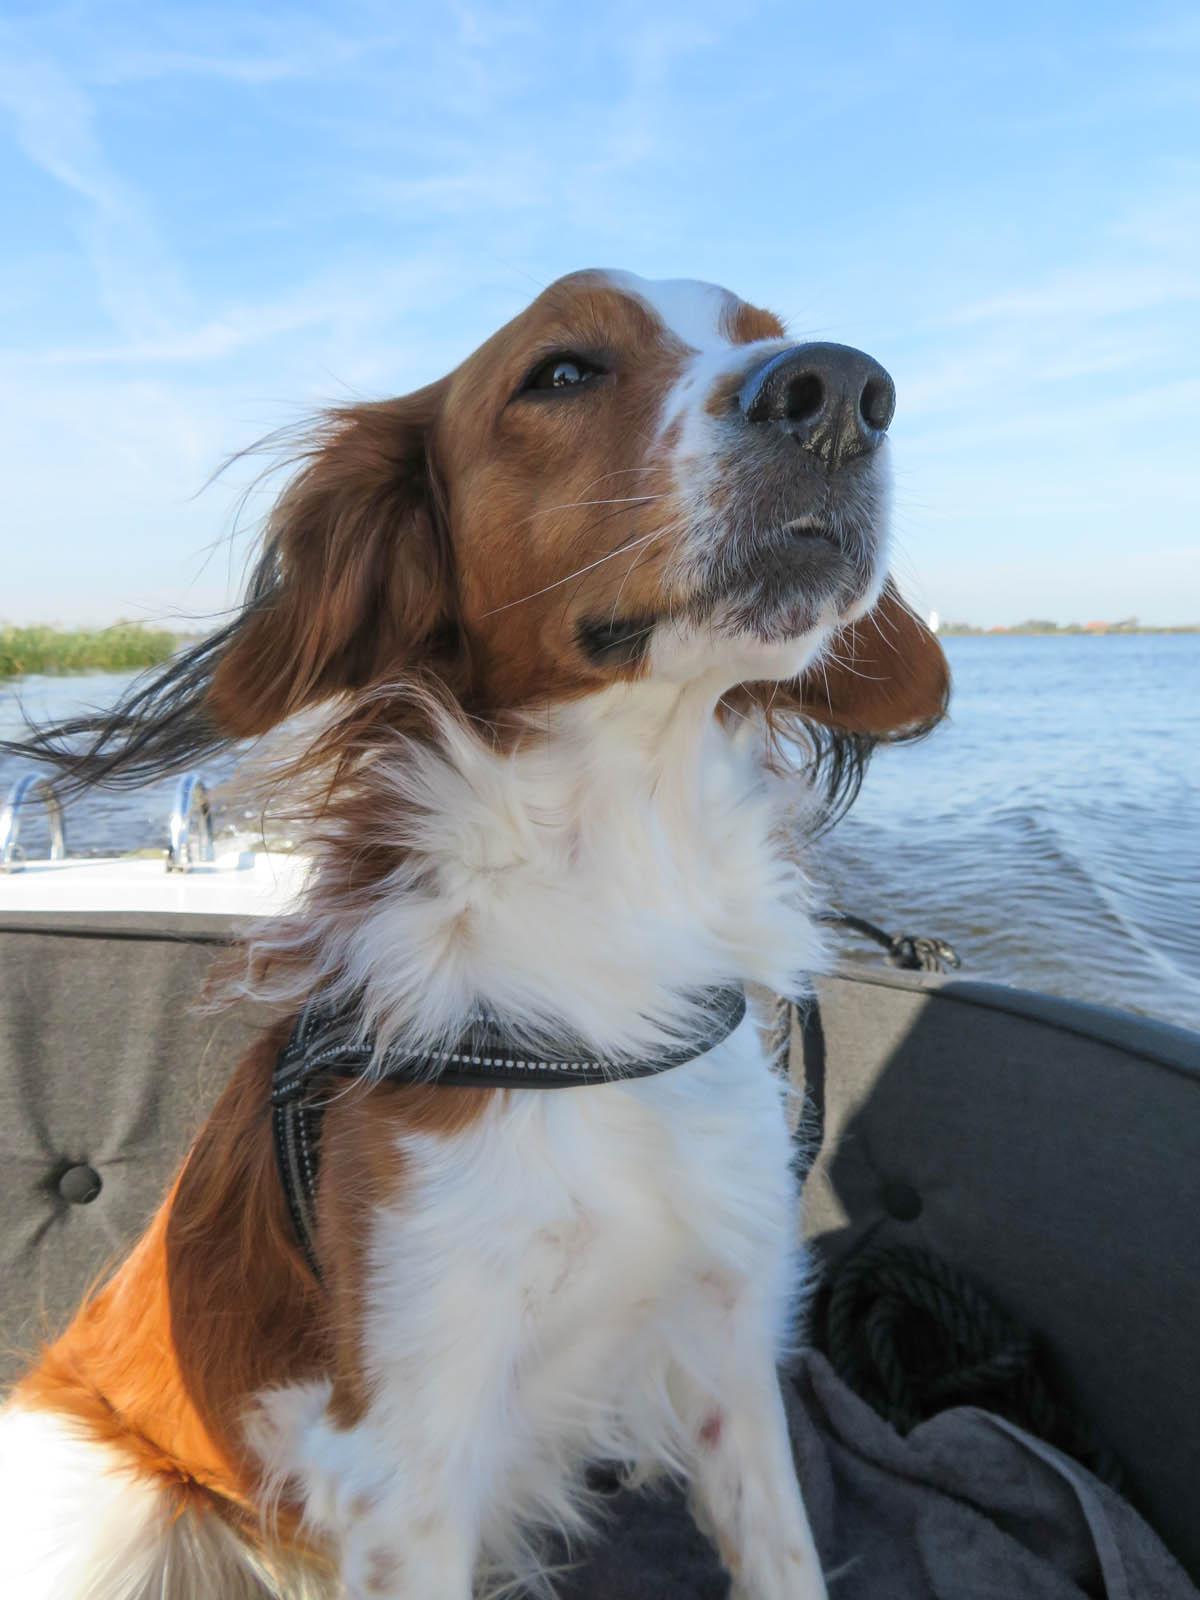 Met de hond in een bootje Nationaal Park De Alde Feanen, Friesland verkennen - Woef Welkom